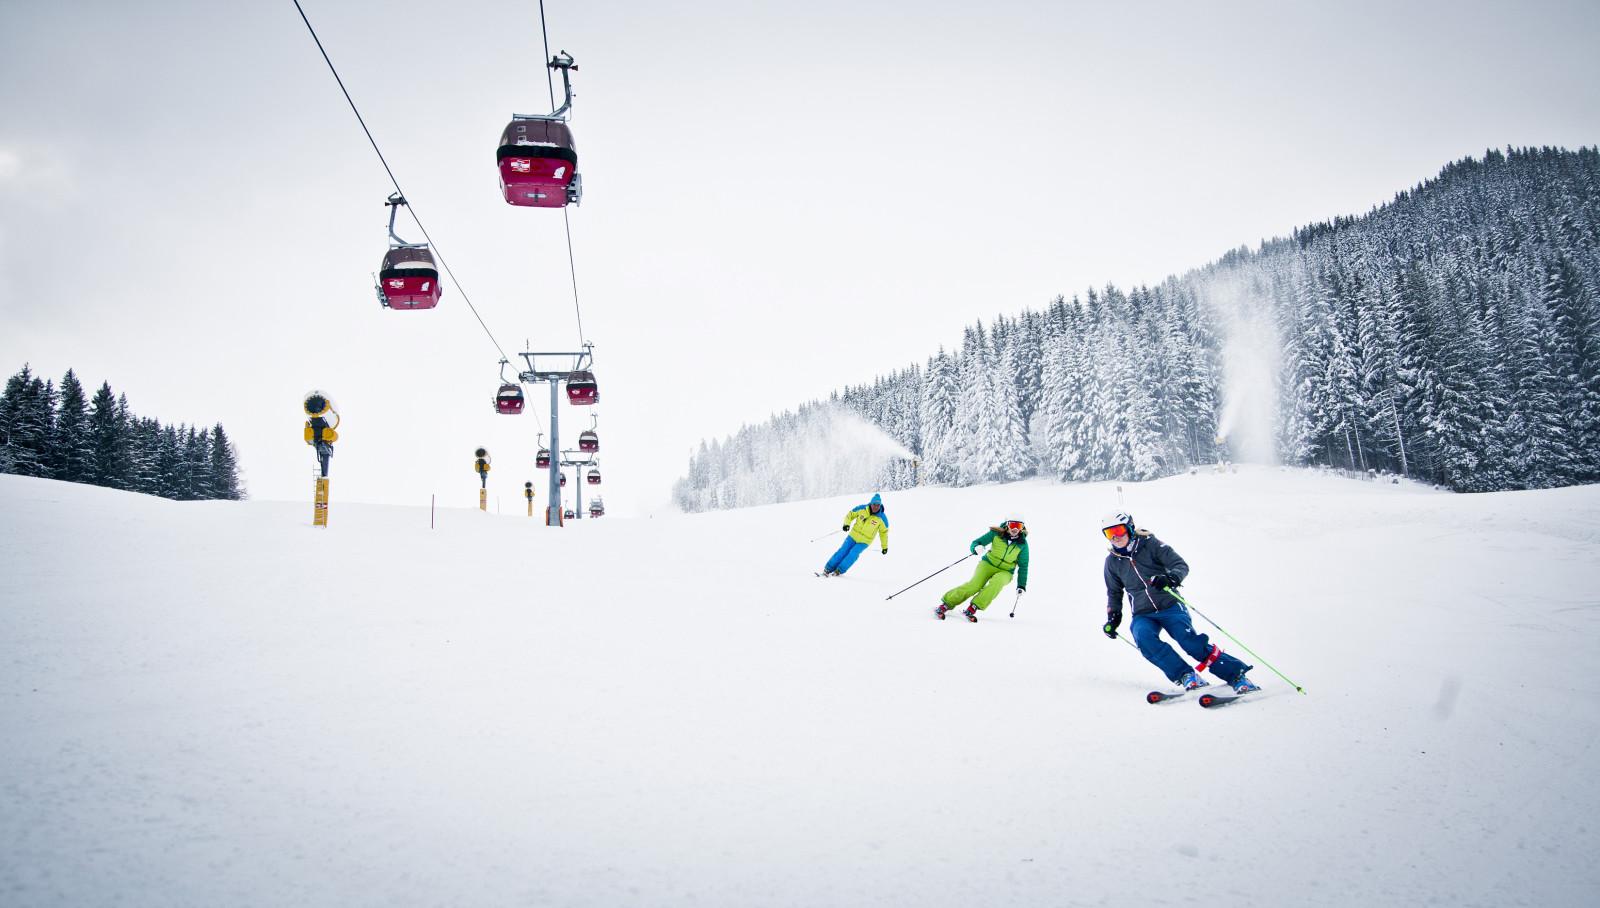 Skilegende Bartl Gensbichler bei der Kursbesichtigung am Zwölferkogel mit Andrea Fischbacher und Jessica Depauli. c Mirja Geh